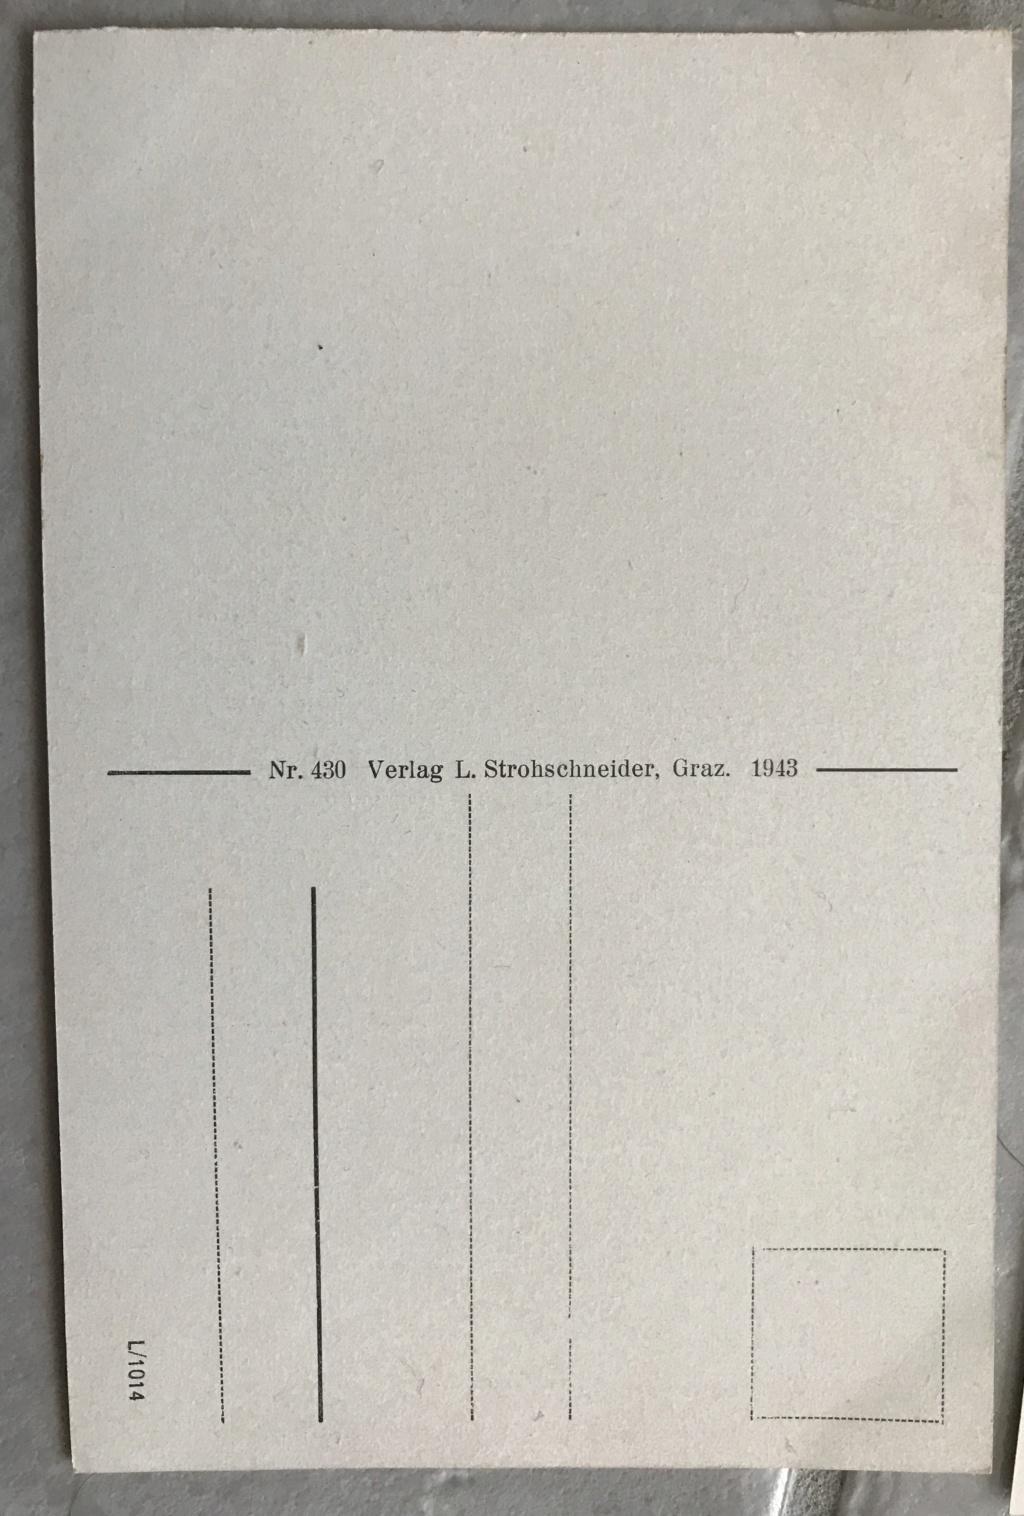 Cartes postales allemandes  9fa58310